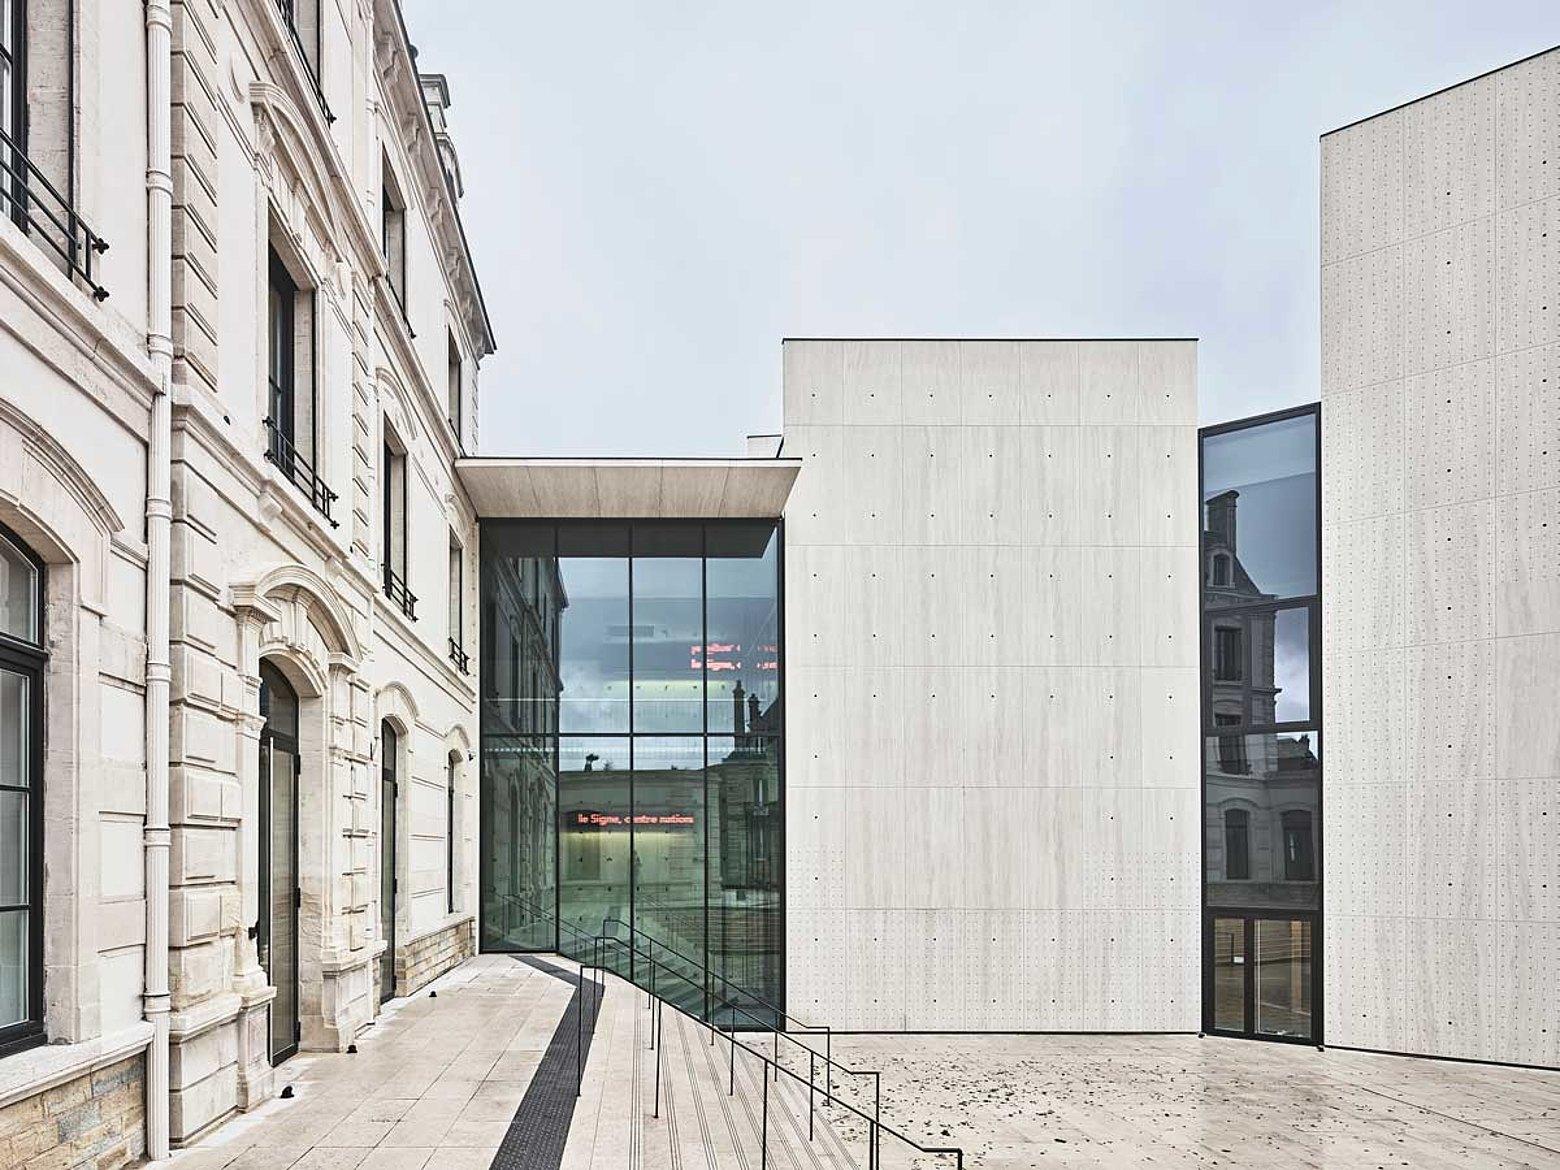 Grossflächige Verglasungen und Fassade mit Wärmedämmung forster thermfix vario and forster unico Le Signe, Chaumont